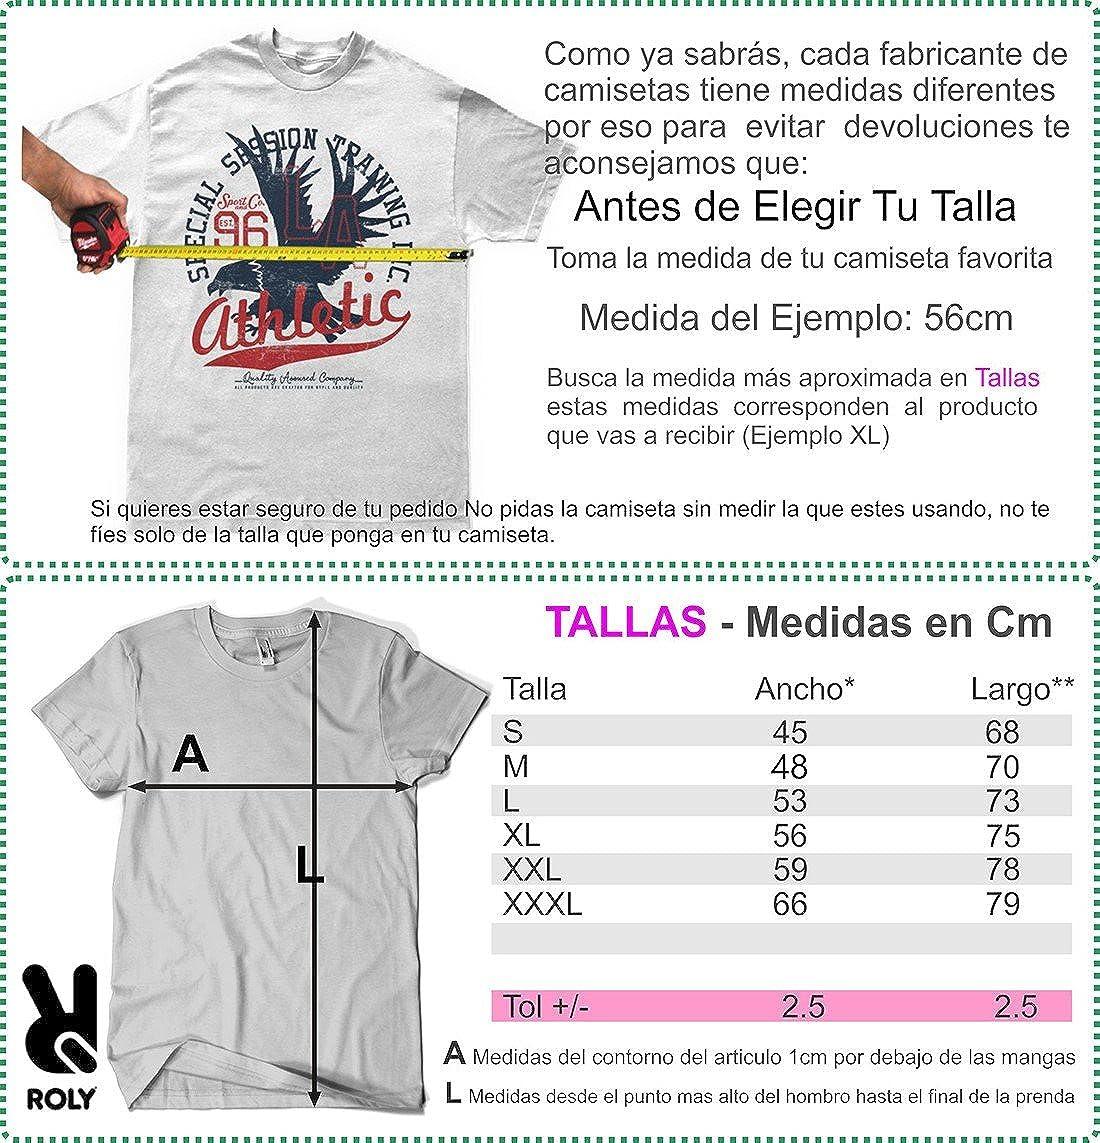 Chewbacca Che Camisetas La Colmena 207-Star Wars